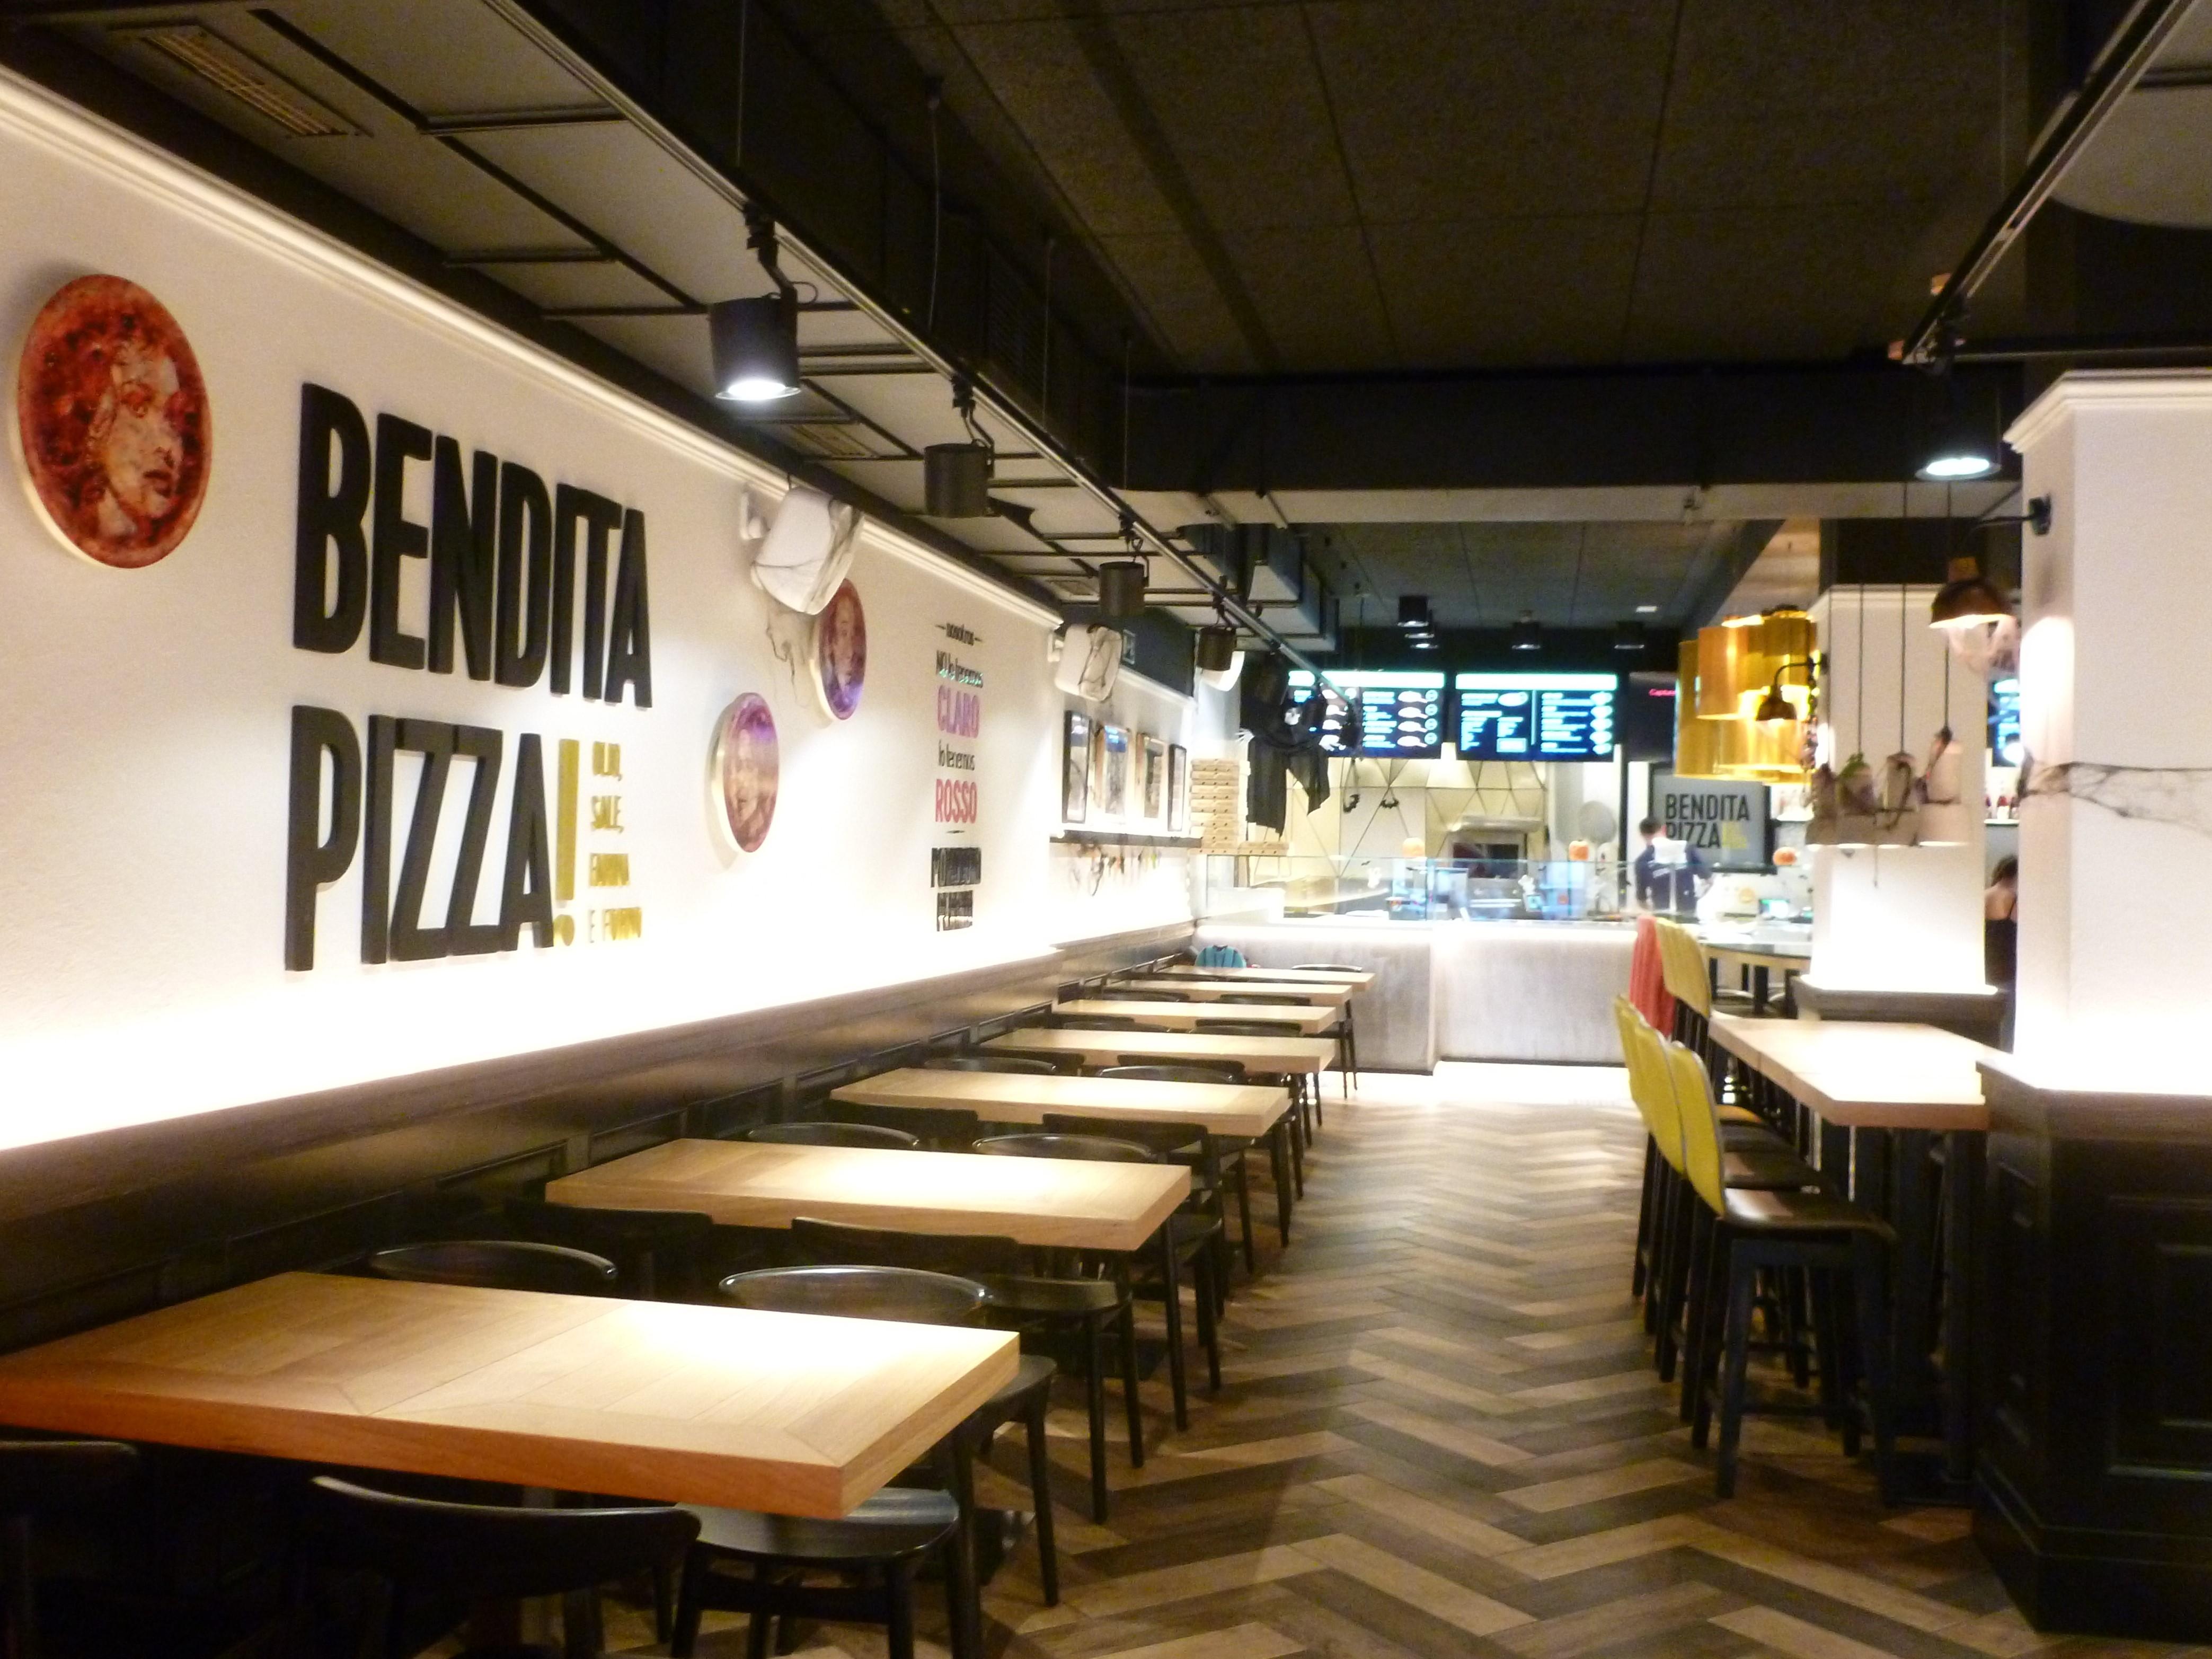 Con las manos en la masa en Bendita Pizza 1